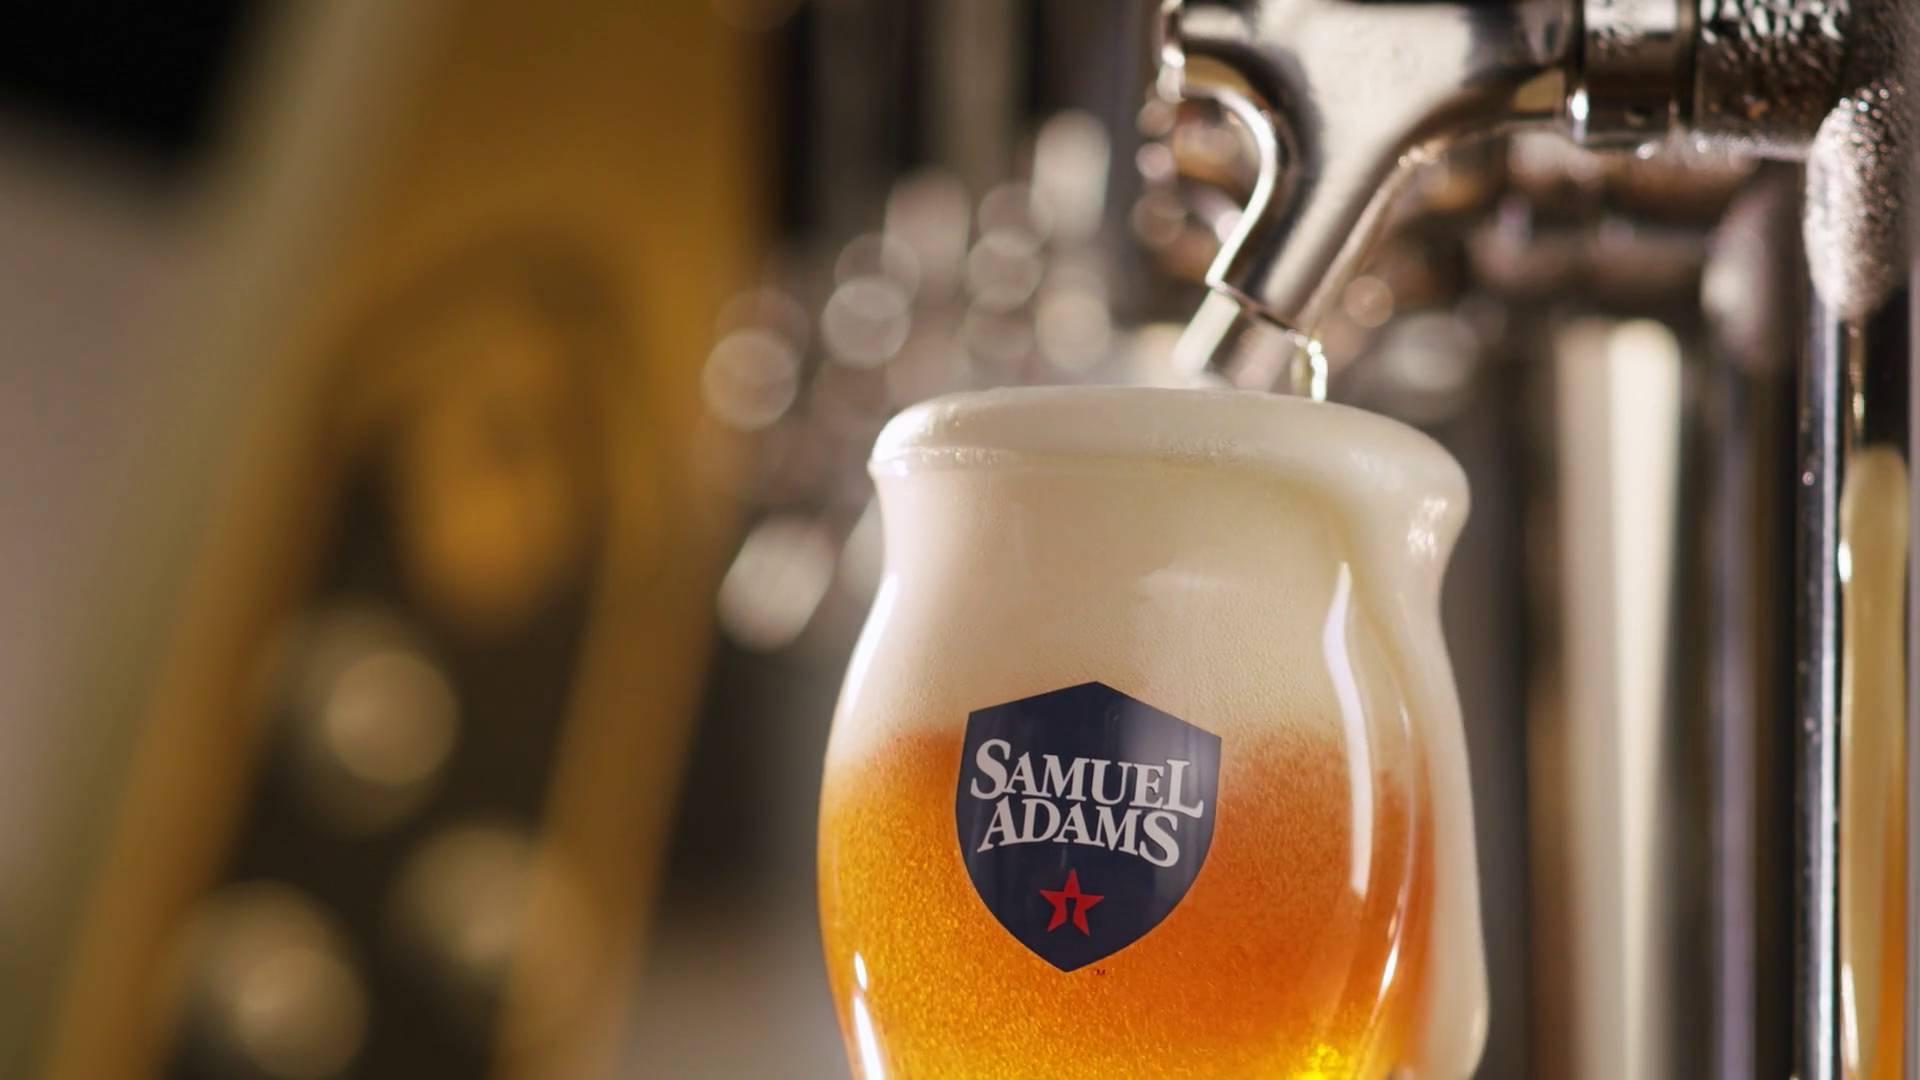 Draft of Samuel Adams beer being poured